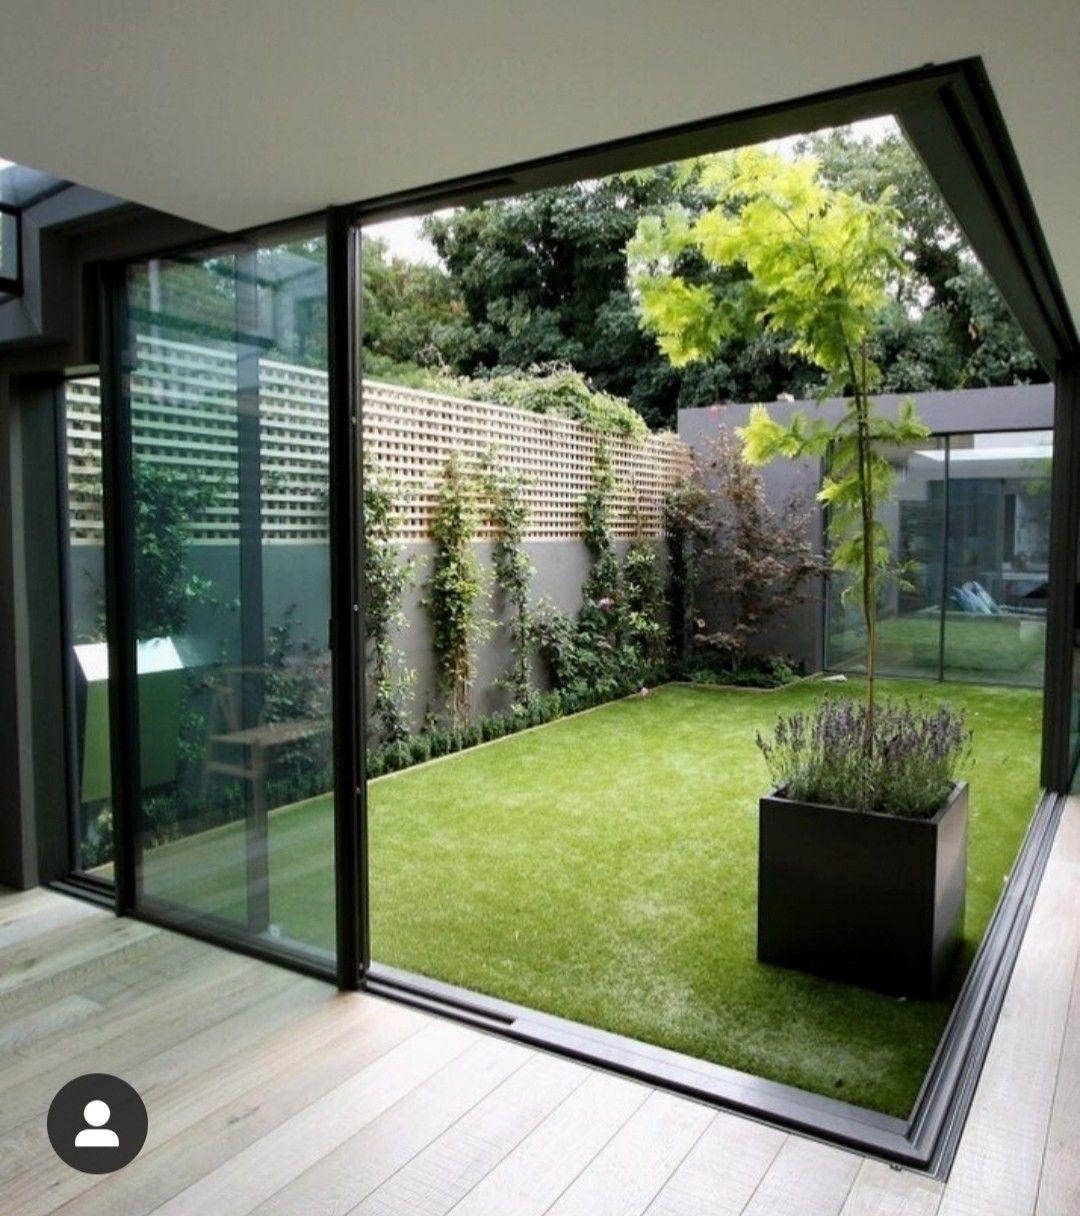 Pin Von Fidan Das Auf Interieur Wohntraume In 2020 Innengarten Indoor Garten Hauswand